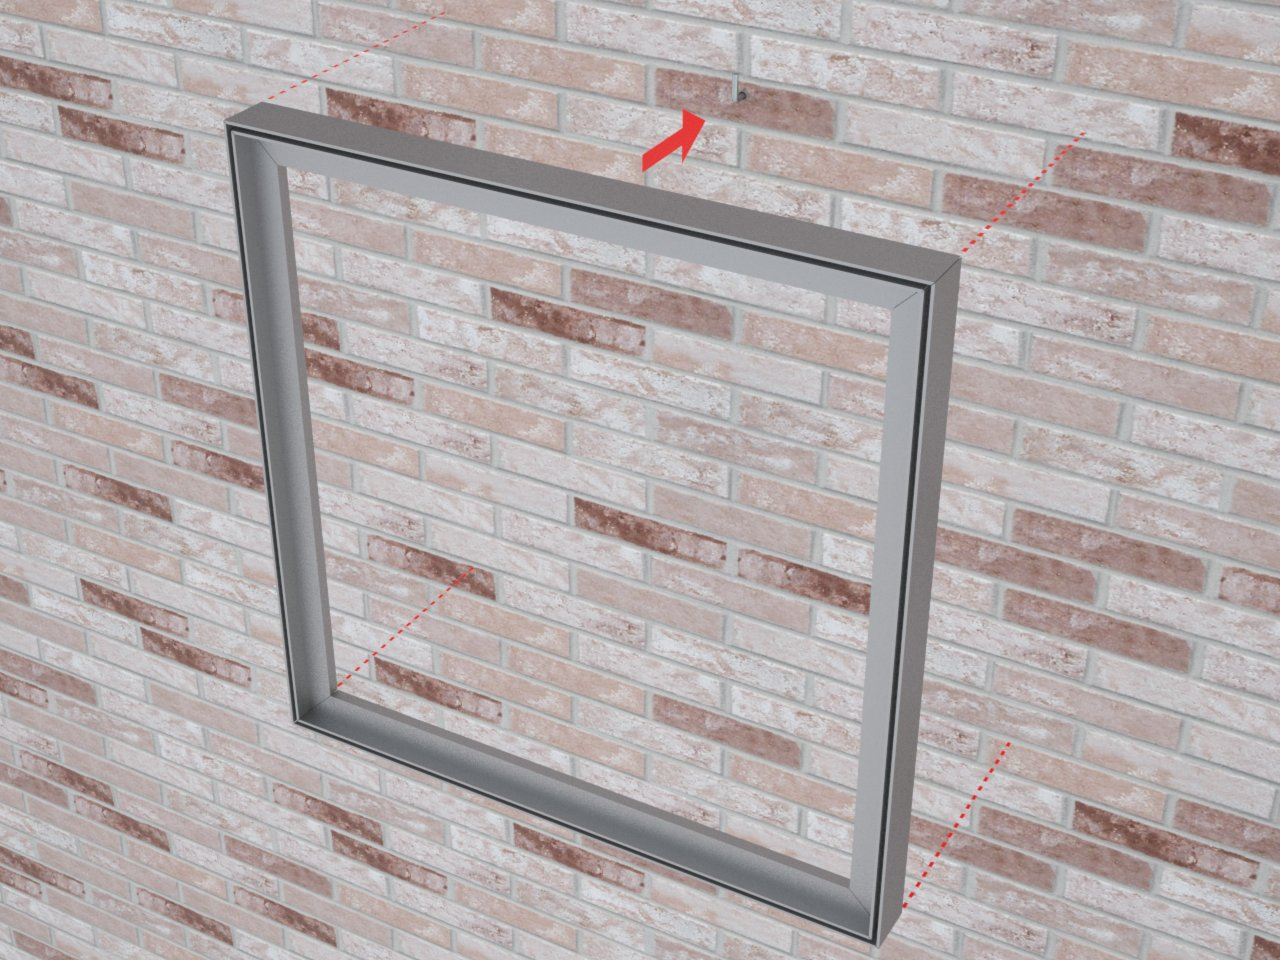 Moldura de parede montada com o perfil de alumínio H130 para tensionar tecido ou lona com imagem impressa para publicidade, decoração ou sinalização